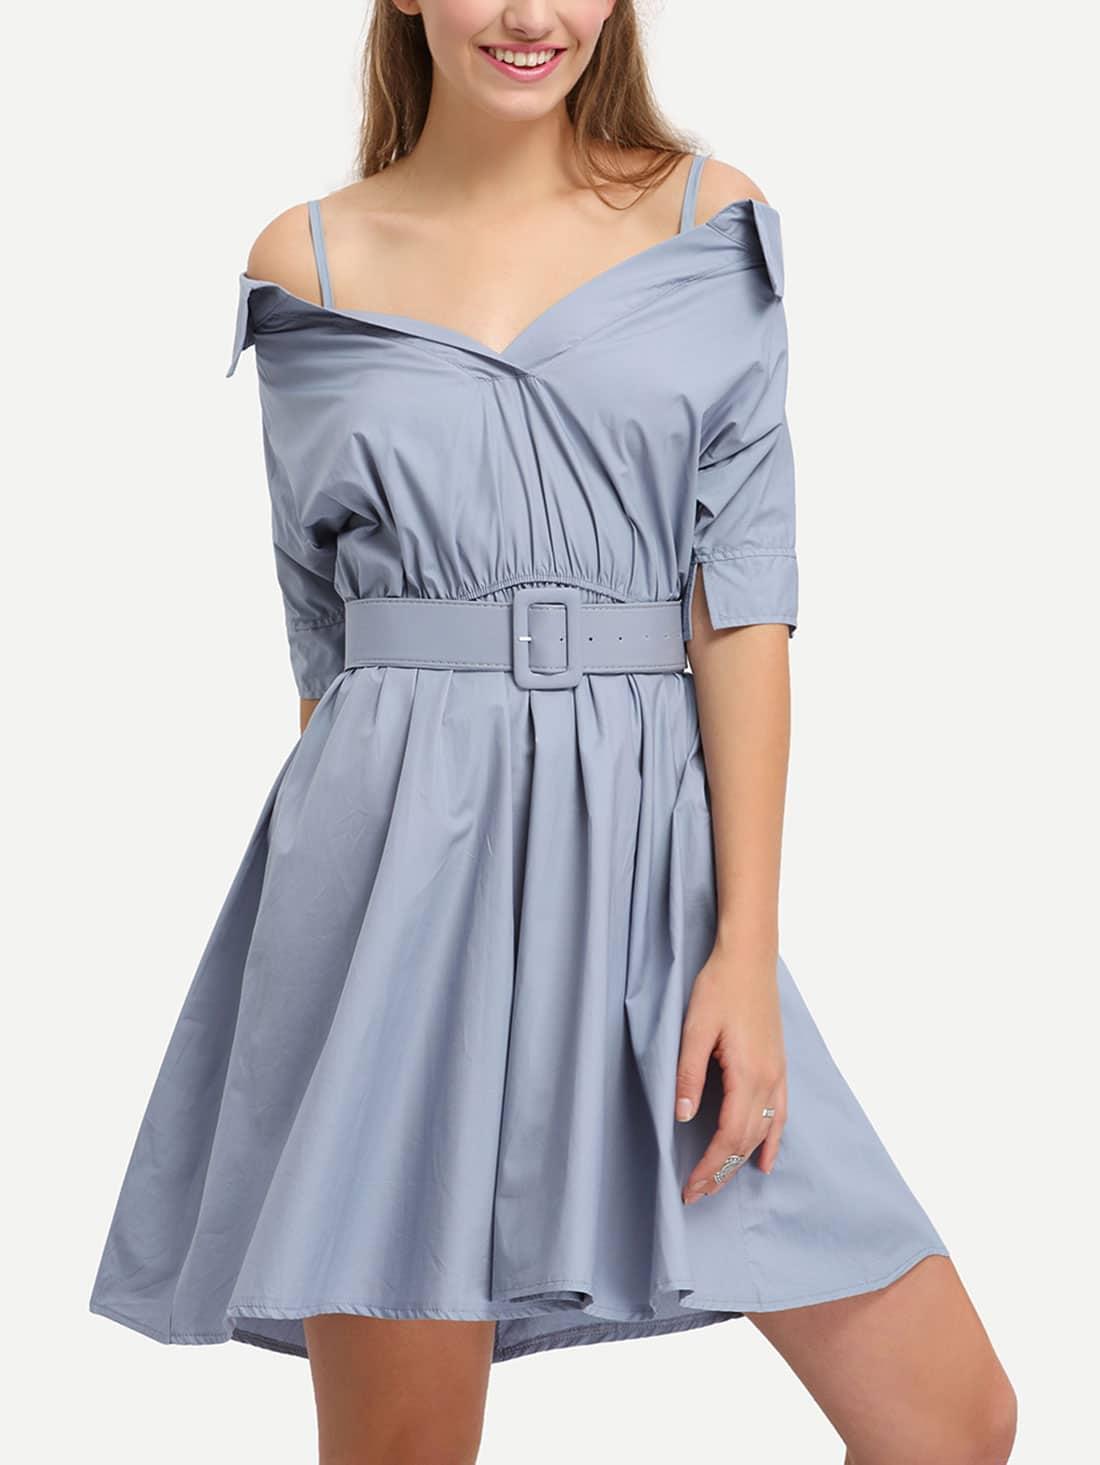 Cami Kleid schulterfrei mit breitem Gürtel -blau | SHEIN